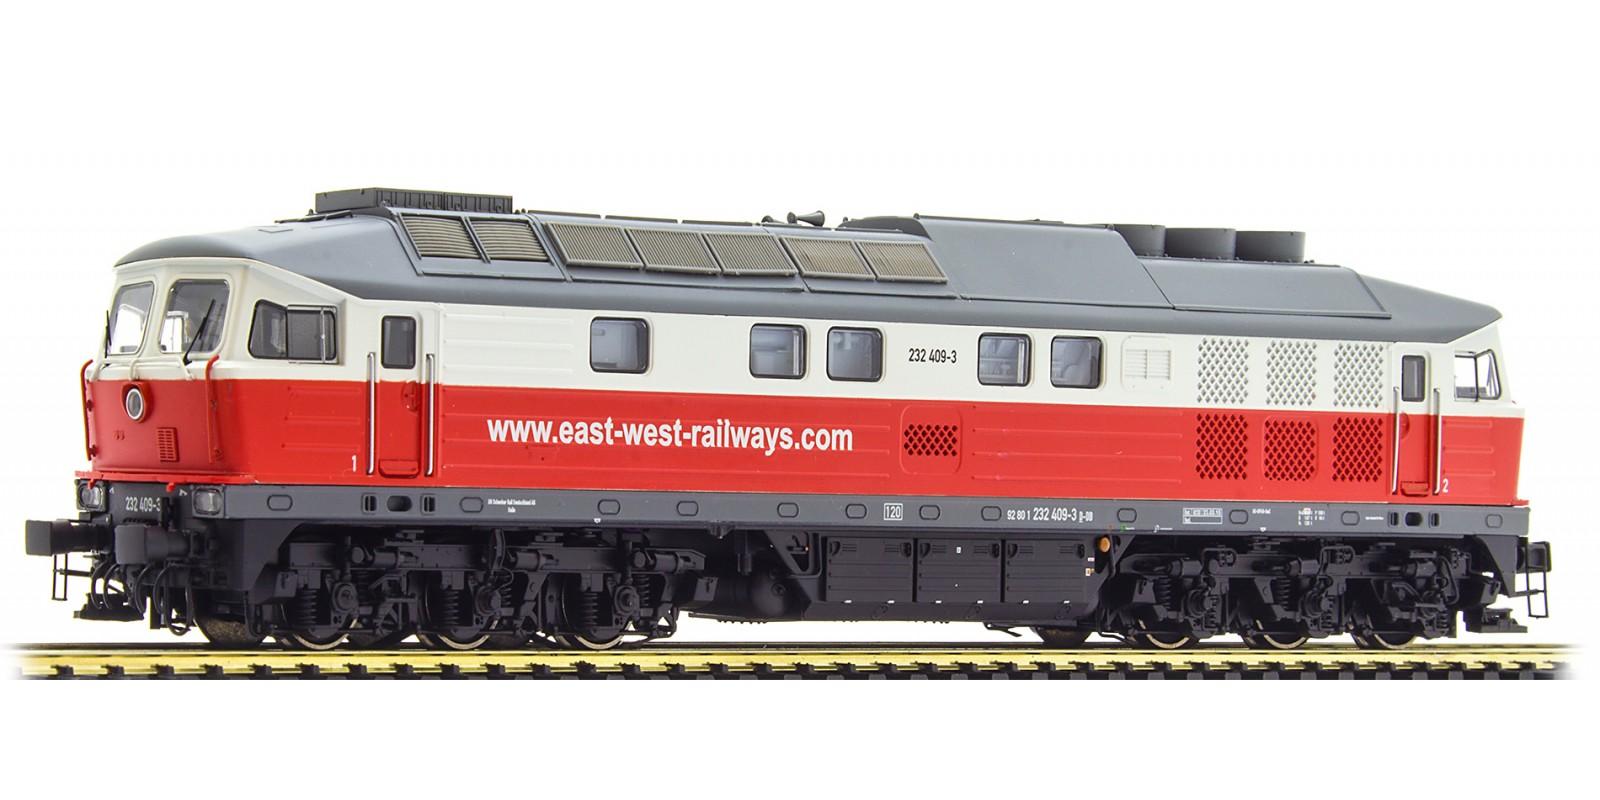 ES31351 Diesel Loc 232 409, East-West, red-white, Era VI, Sound+Smoke, DC/AC